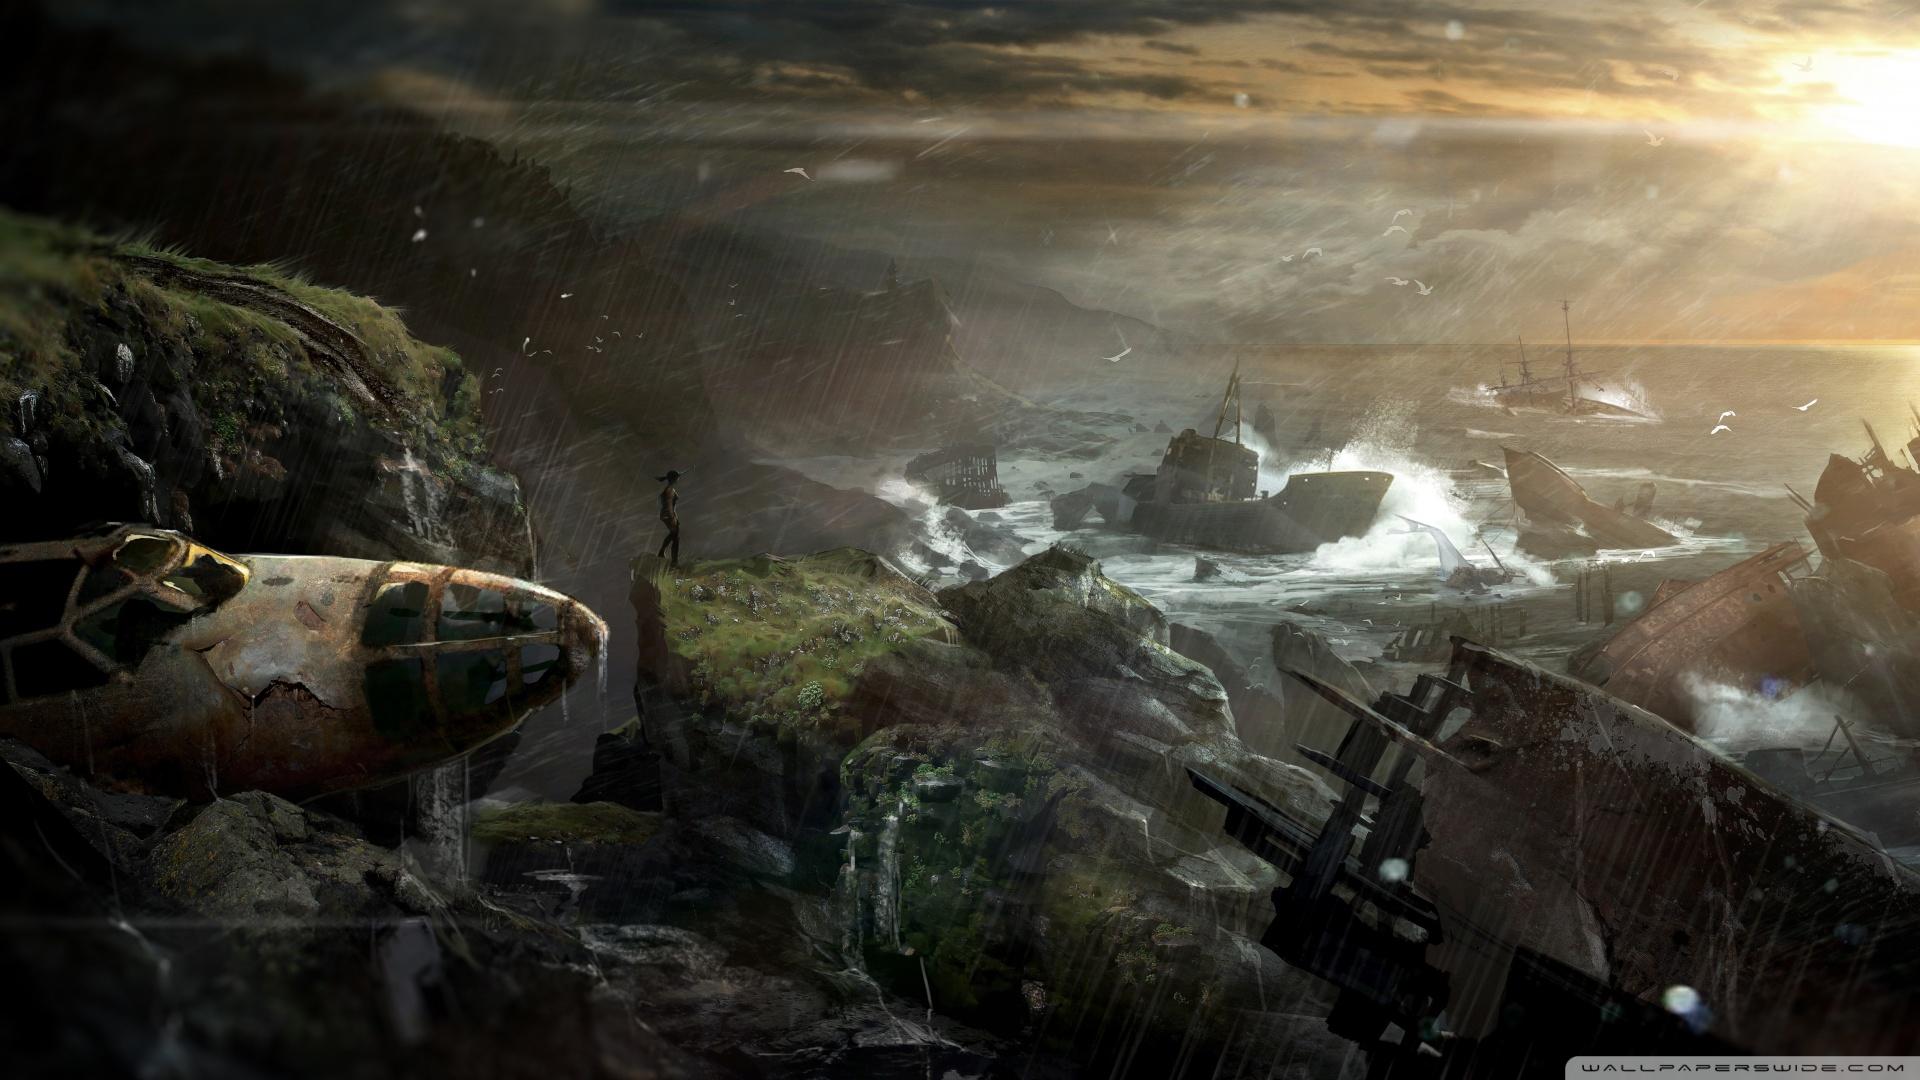 Tomb Raider 2012 Shipwreck Wallpaper 1920x1080 Tomb Raider 2012 1920x1080